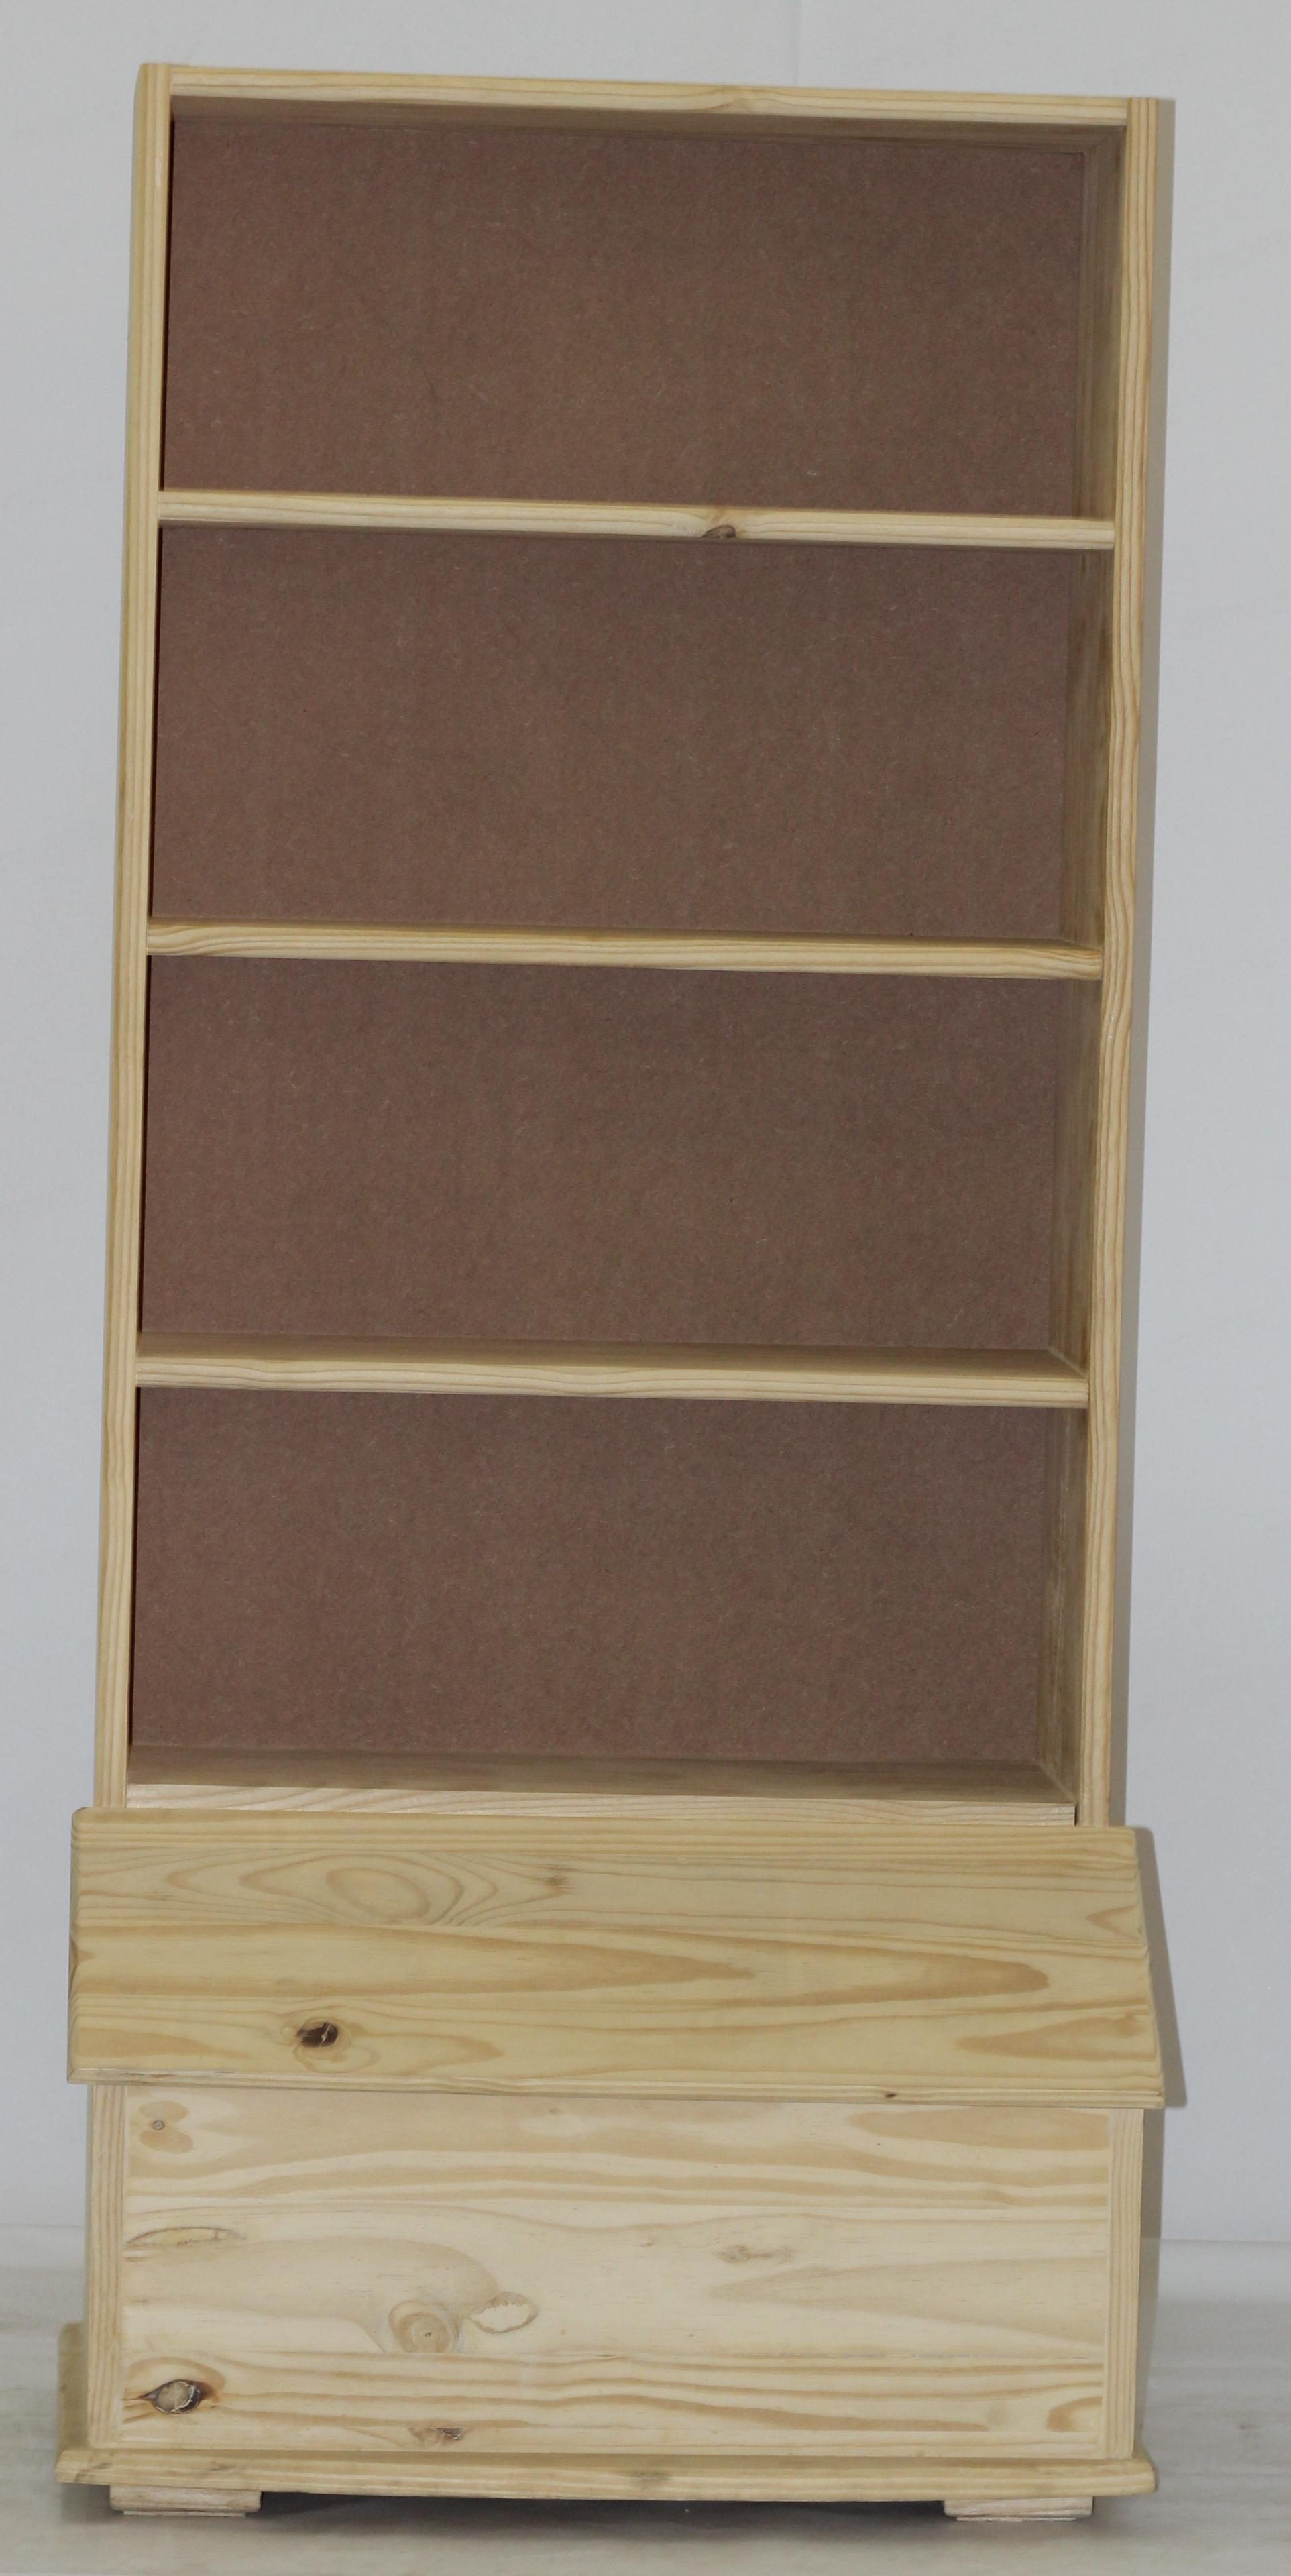 Combo Bookshelf (Toybox bottom)